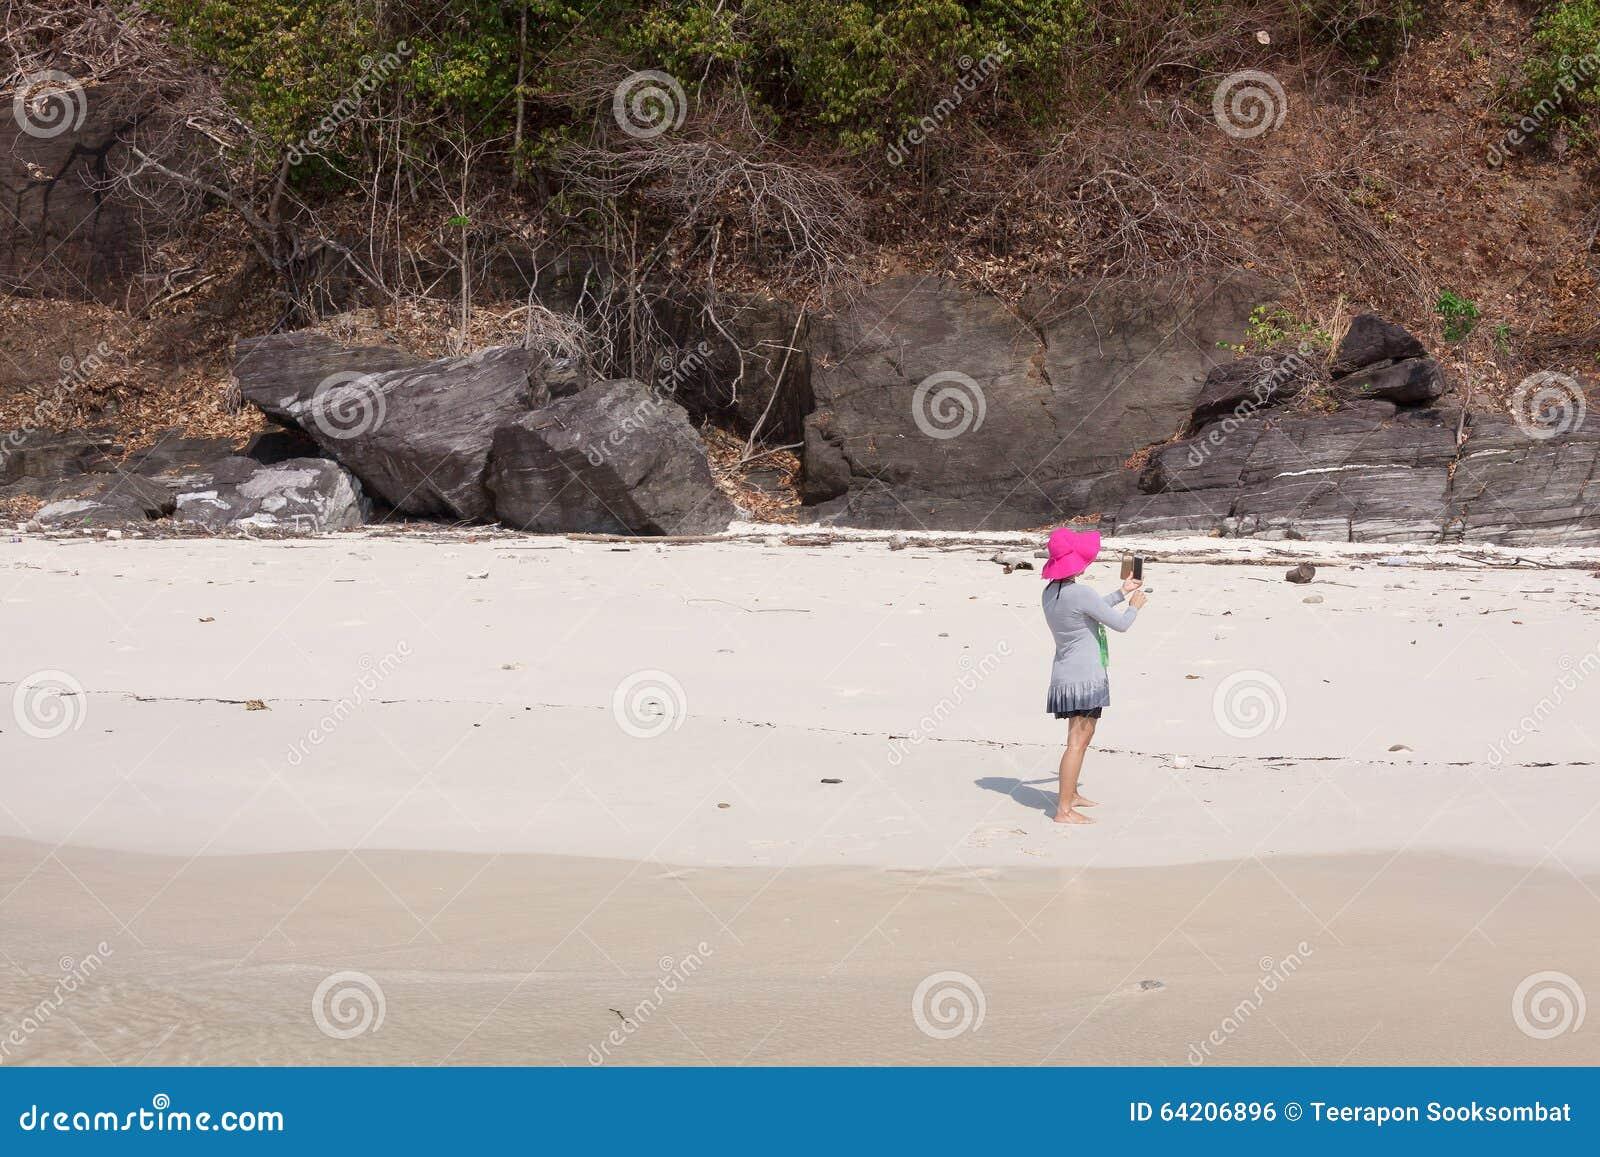 Turistas en la playa blanca de la arena